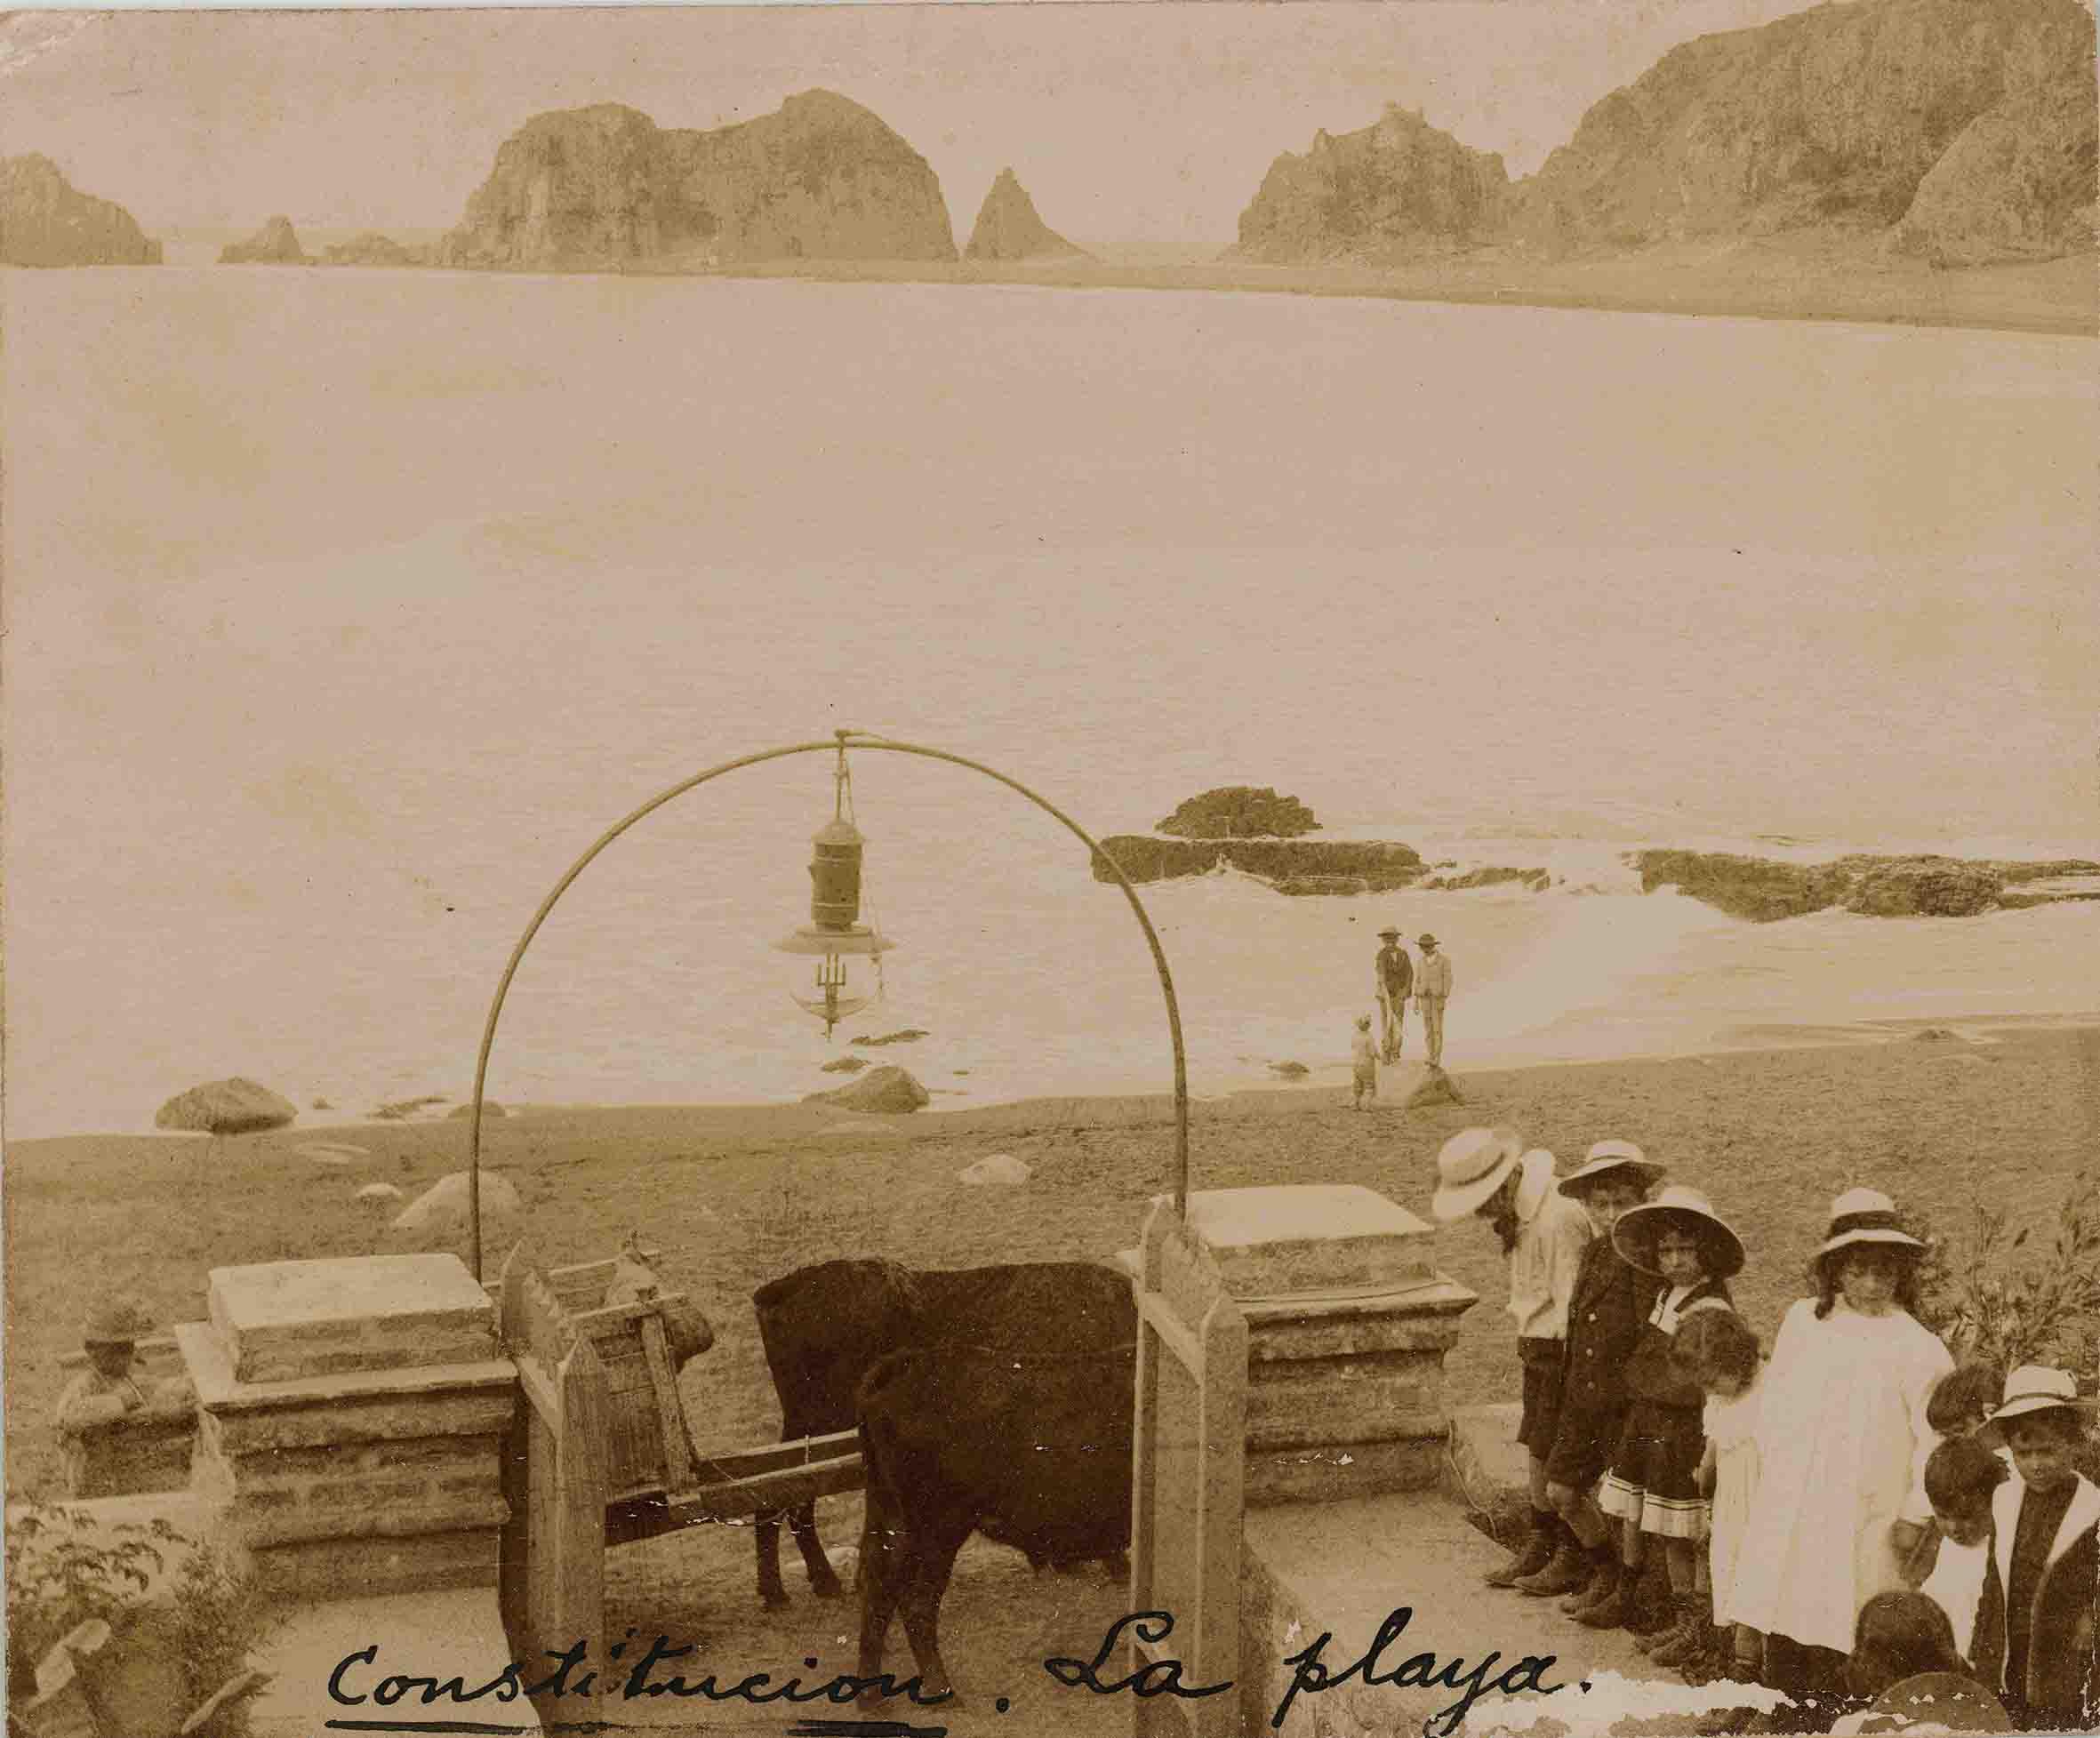 Enterreno - Fotos históricas de chile - fotos antiguas de Chile - Playa de Constitución ca. 1025